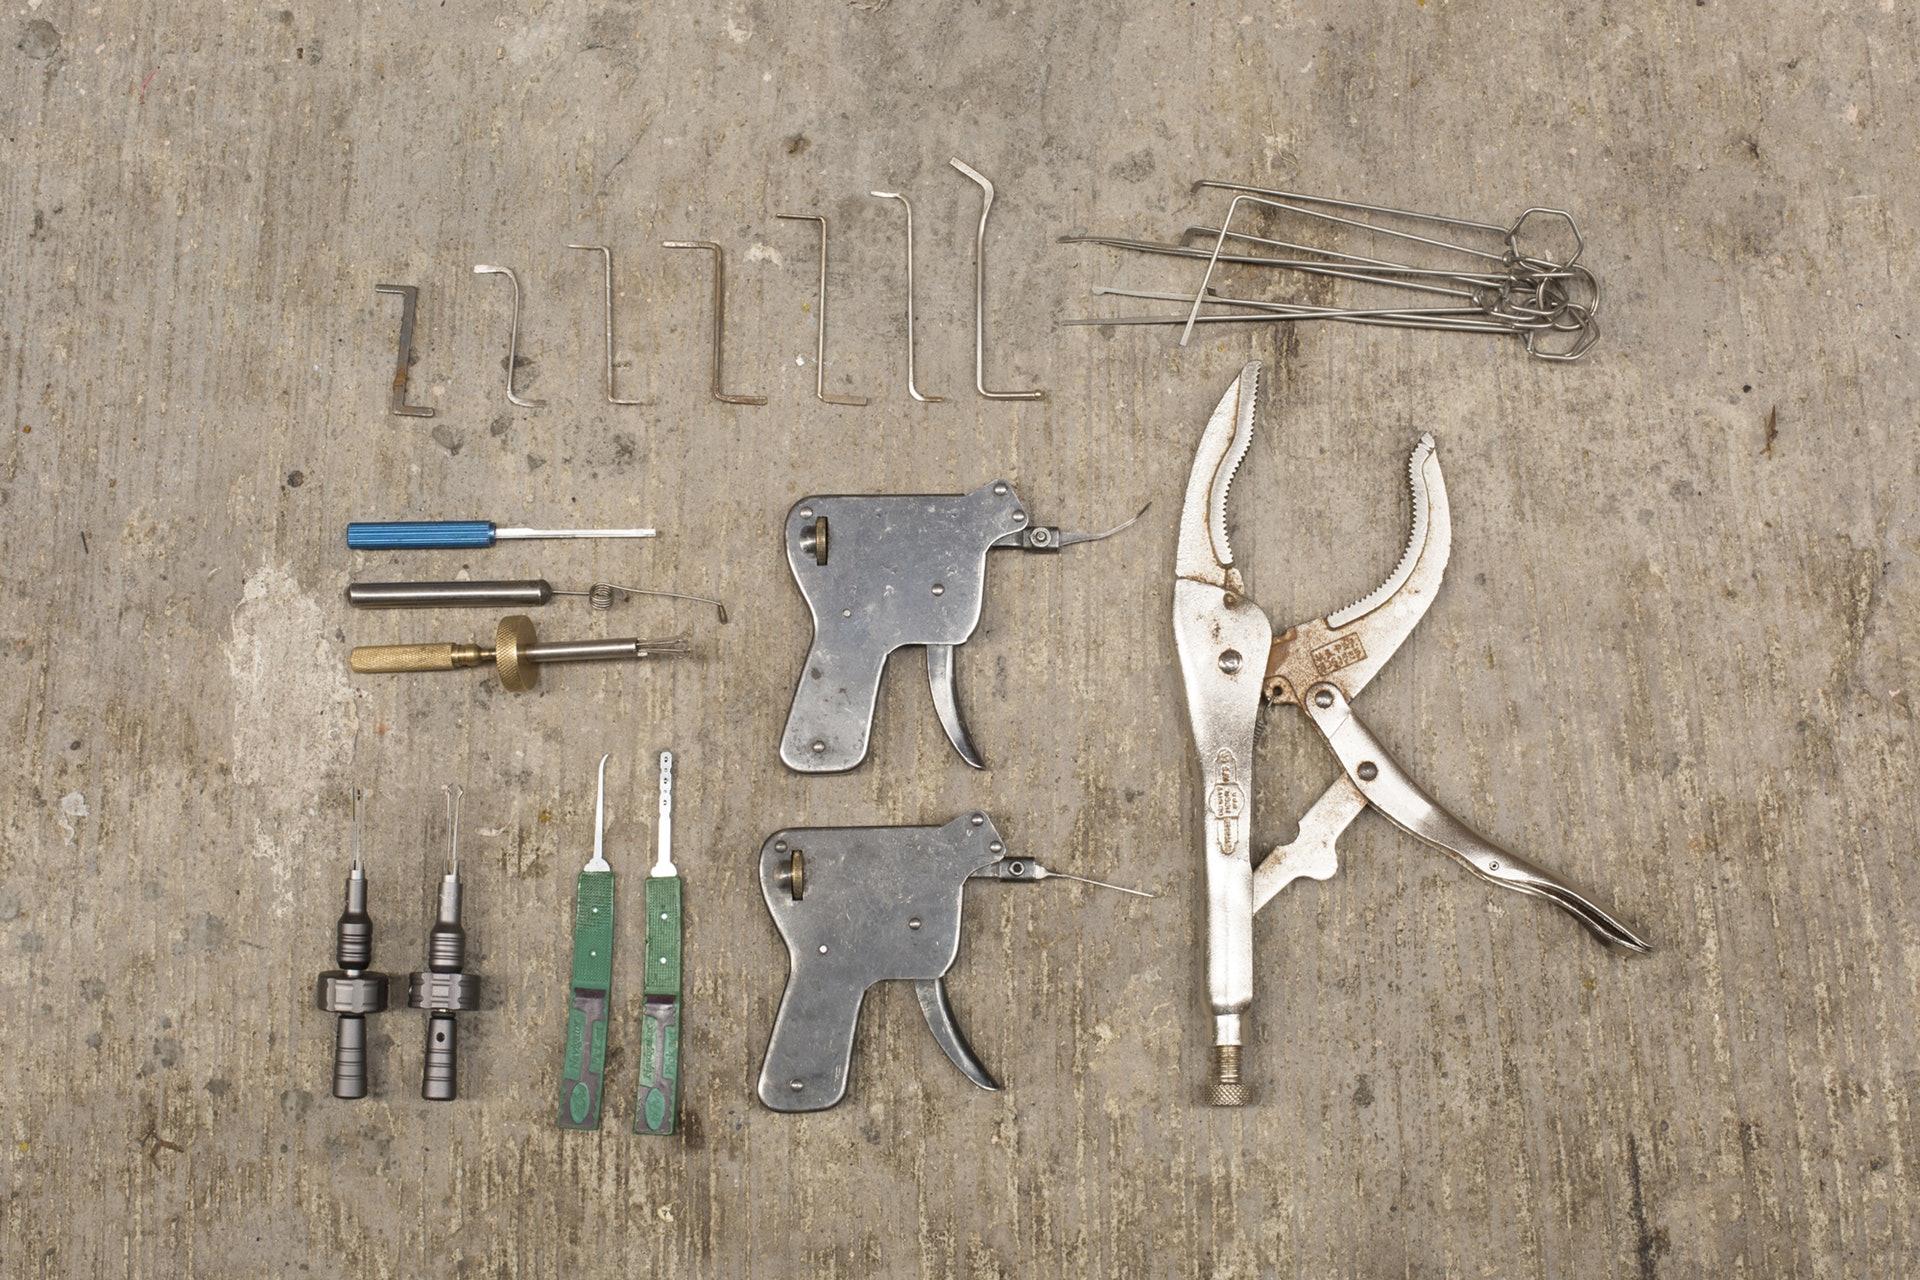 這些是黃瑞昌每天隨身的「搵食工具」,包括大鉗、開鎖槍、開鎖Pick和電腦Pick、自家改良膽手、彈弓膽手,還有他哥哥親手造的「遮骨」(右上角)。